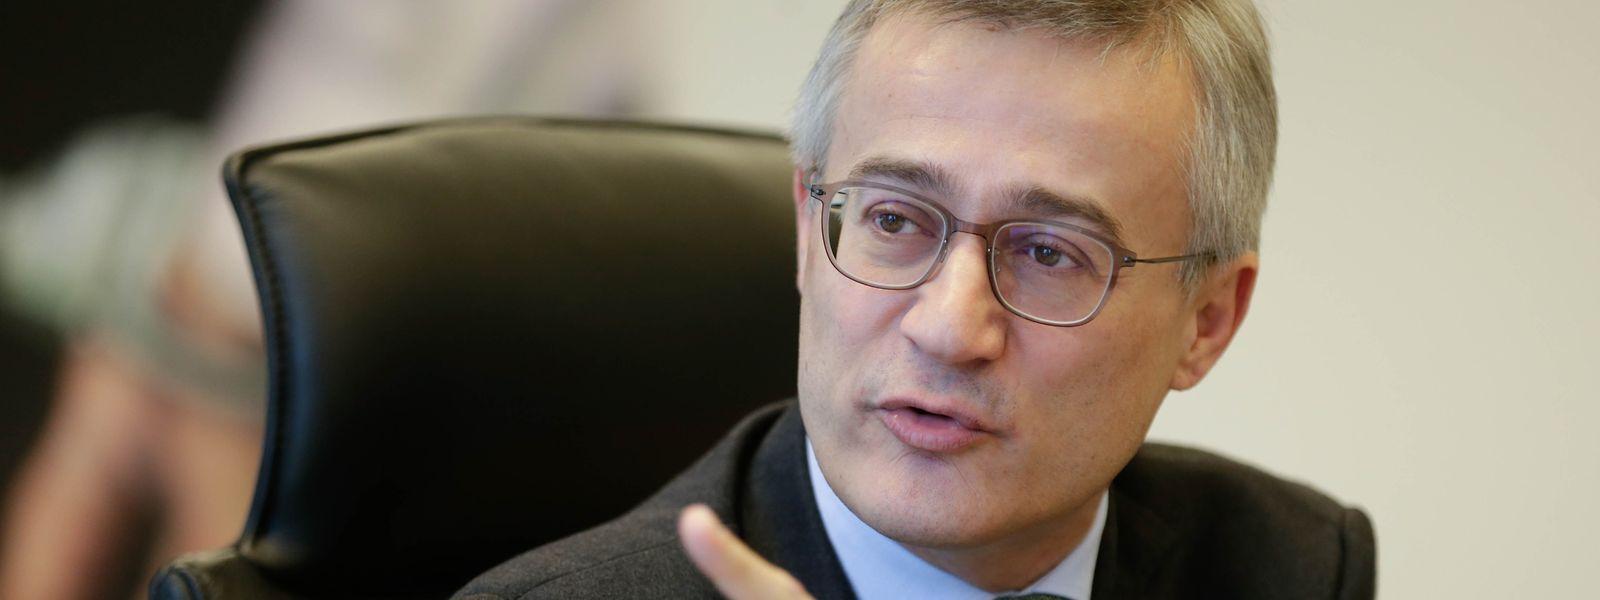 Minister Félix Braz zeigt sich zufrieden mit der Arbeit des Justizministeriums.